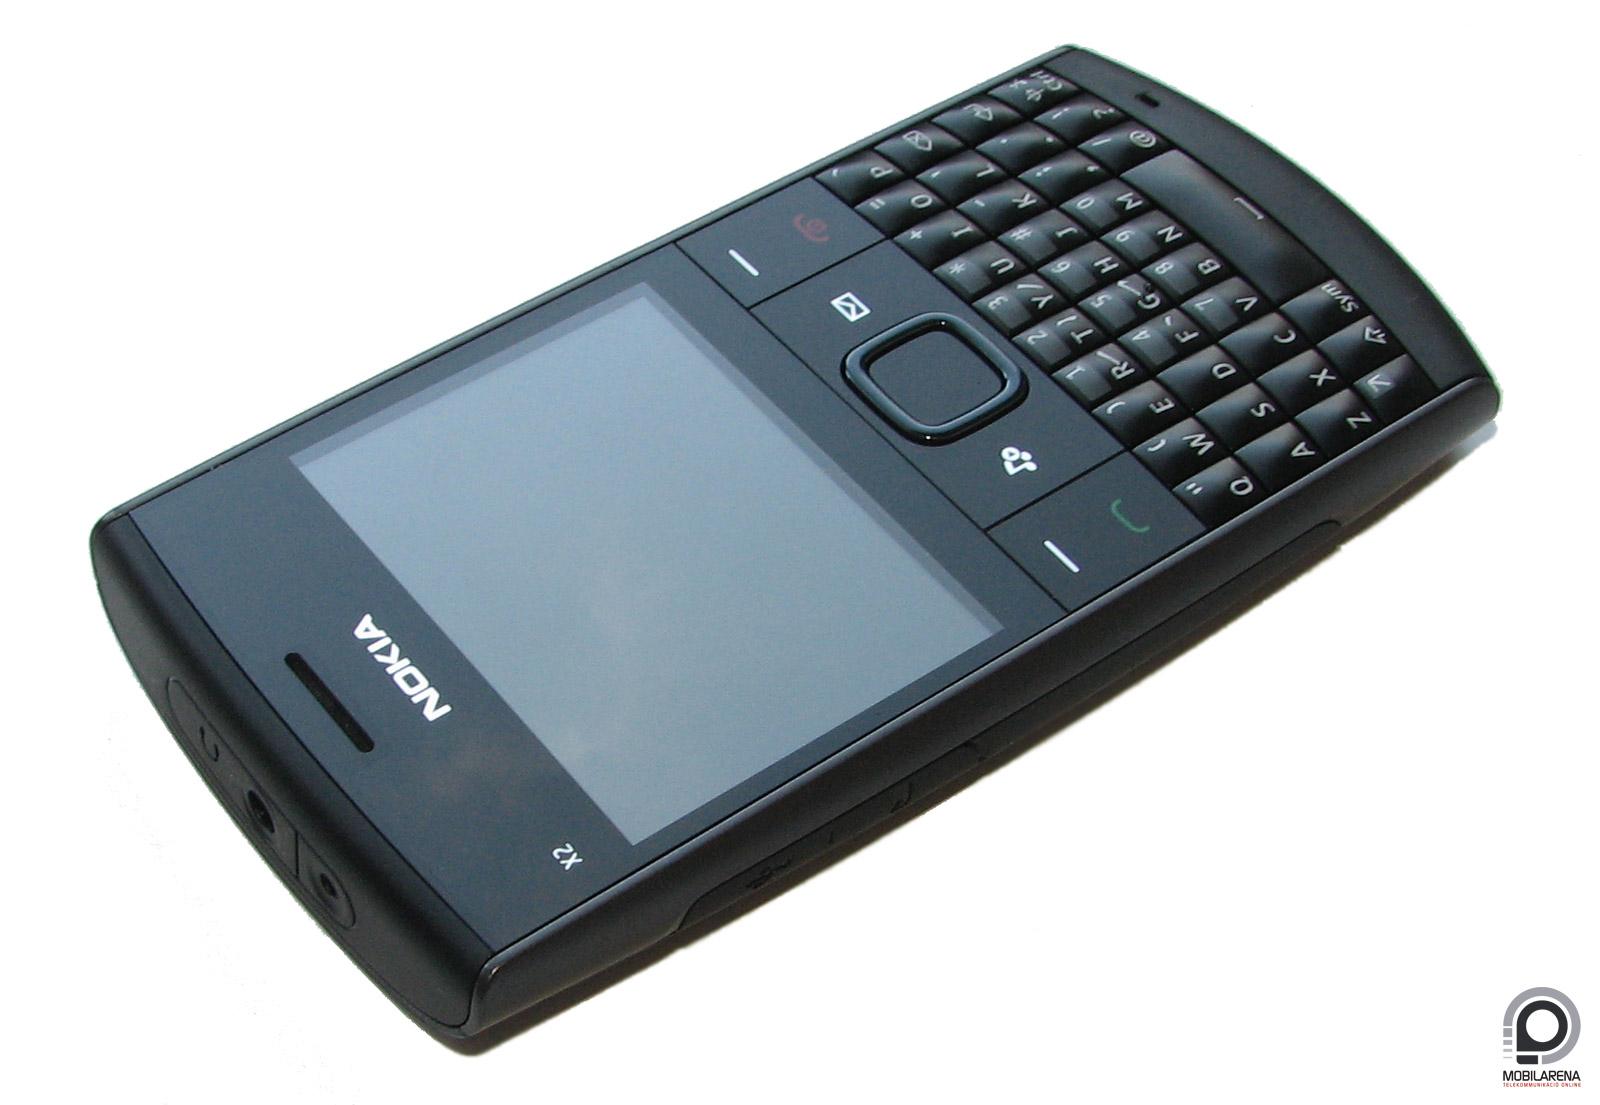 Pin Nokia X2 01 On Pinterest Circuit Diagram Of X202